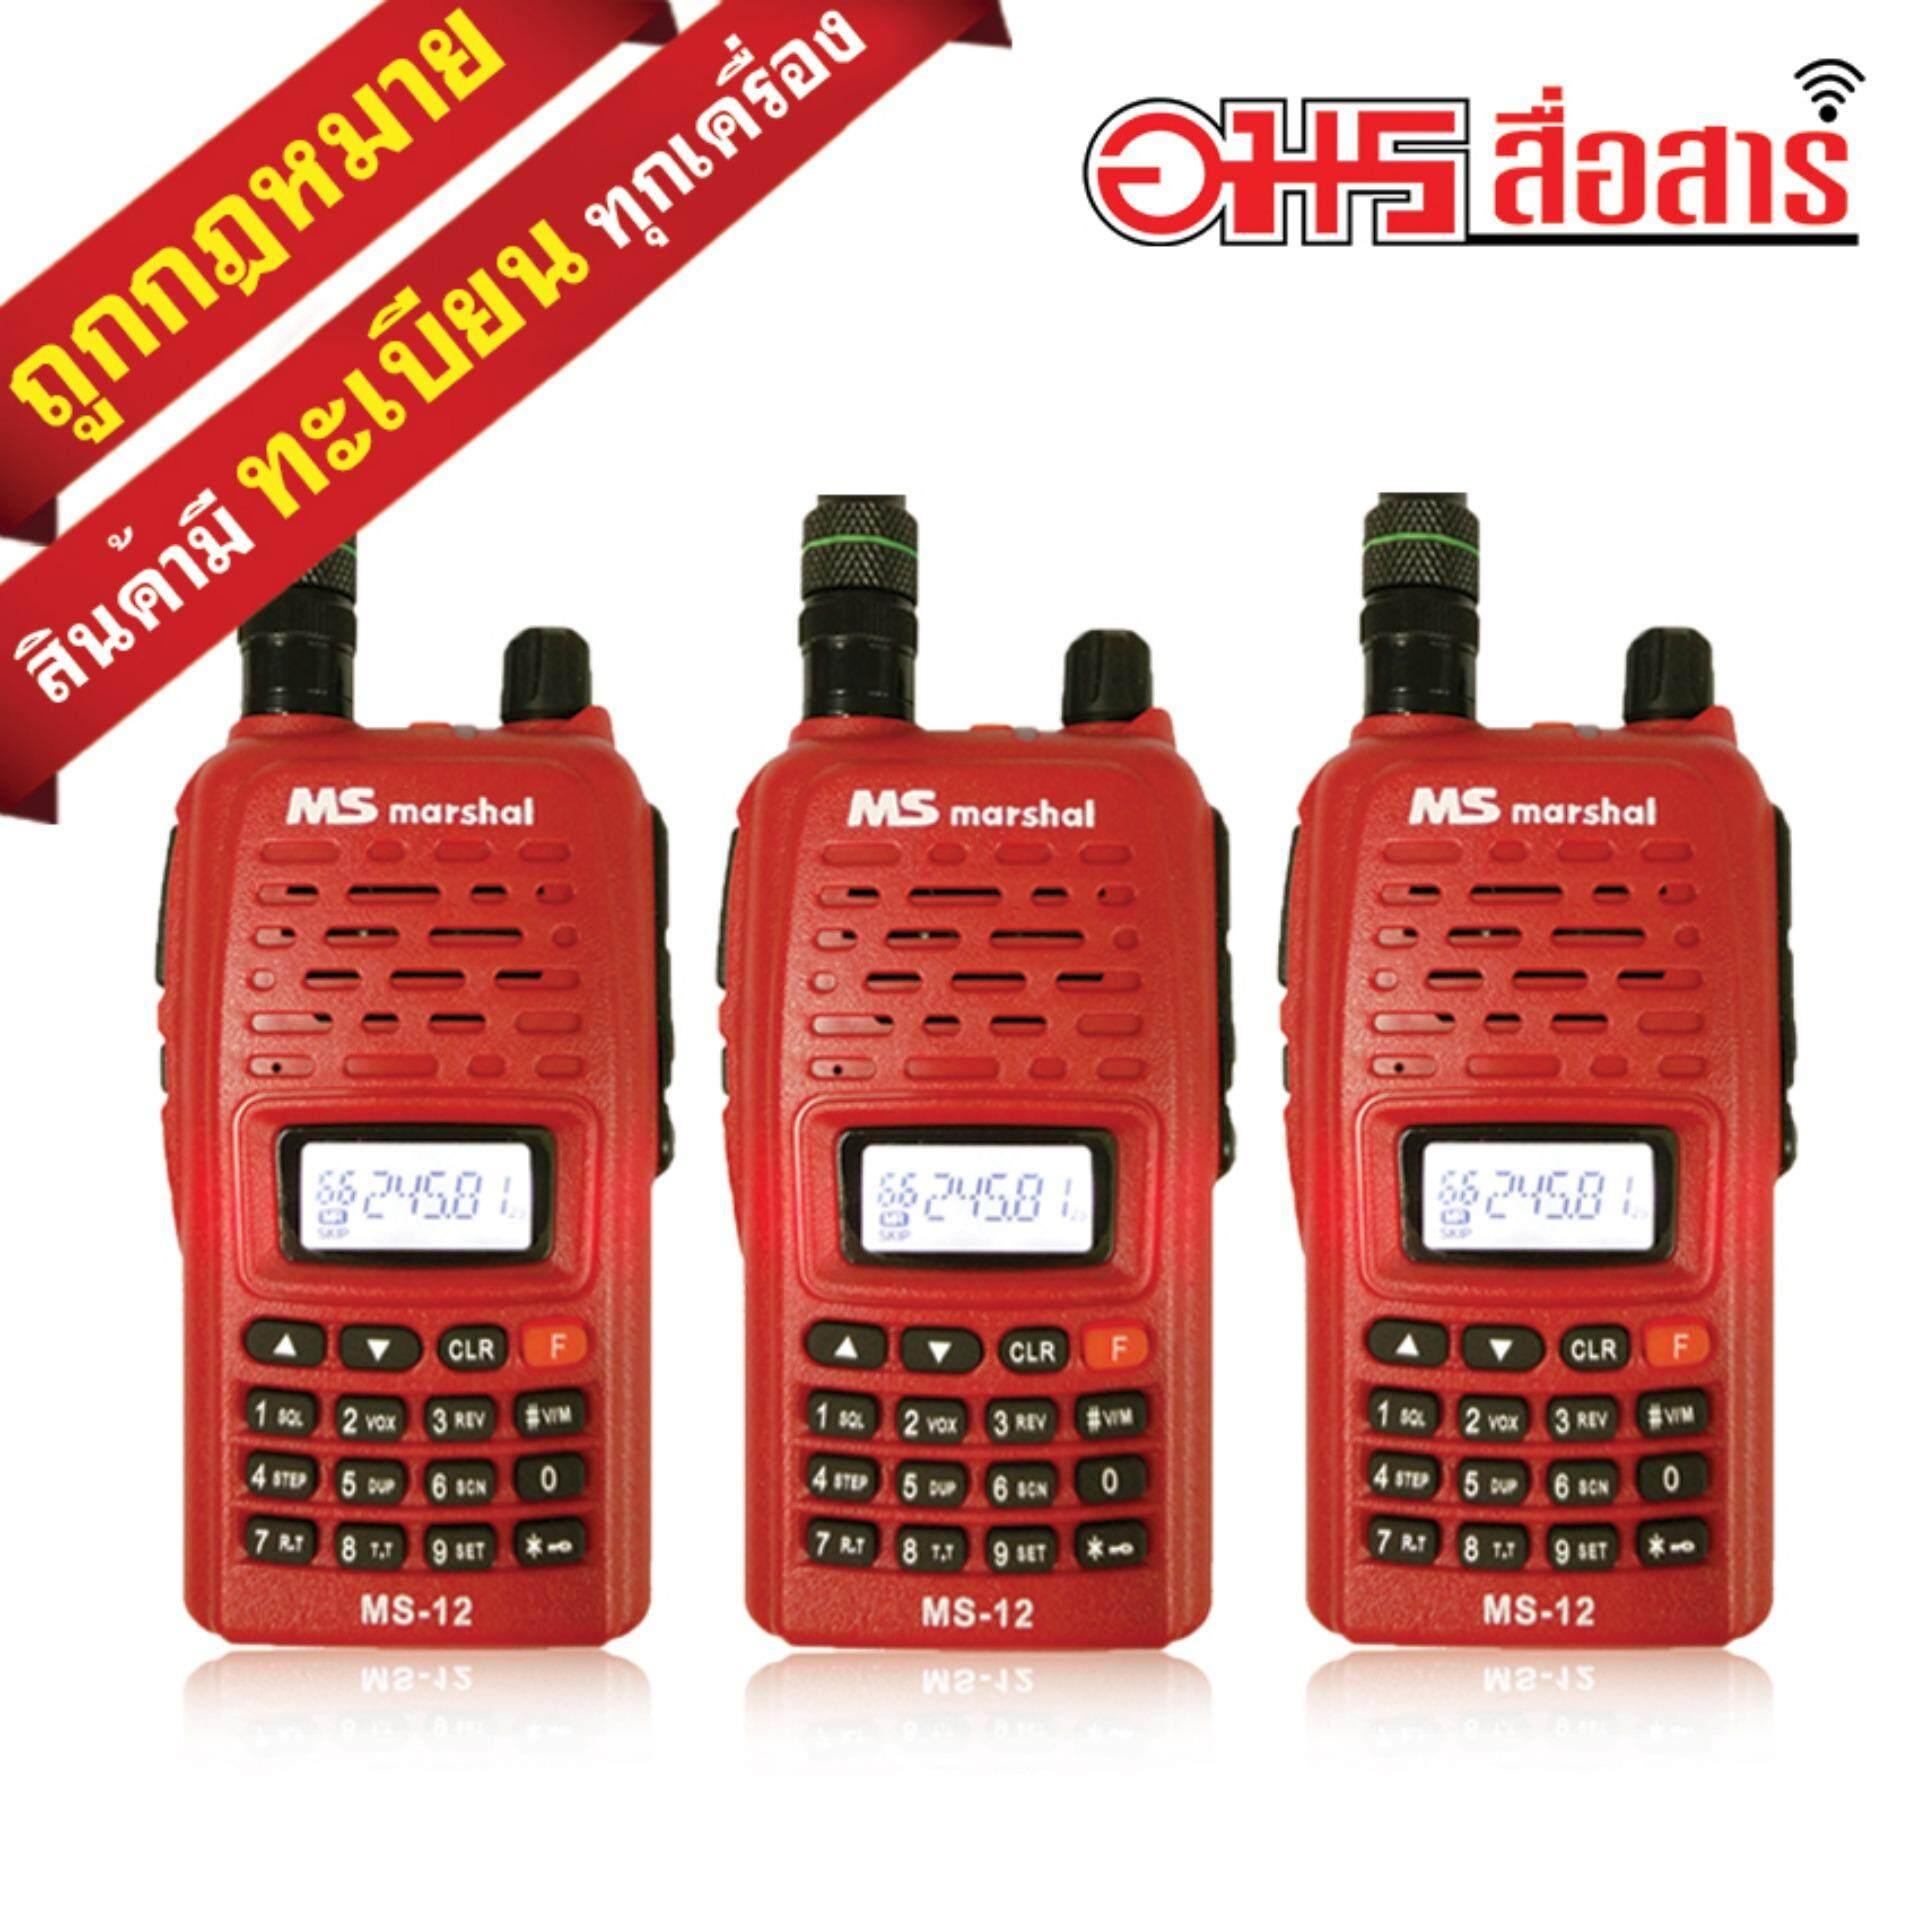 MS MARSHAL วิทยุสื่อสาร 5W MS-12  สีแดง แพ็คสาม WALKIE TALKIE walkie-talkie อมรสื่อสาร